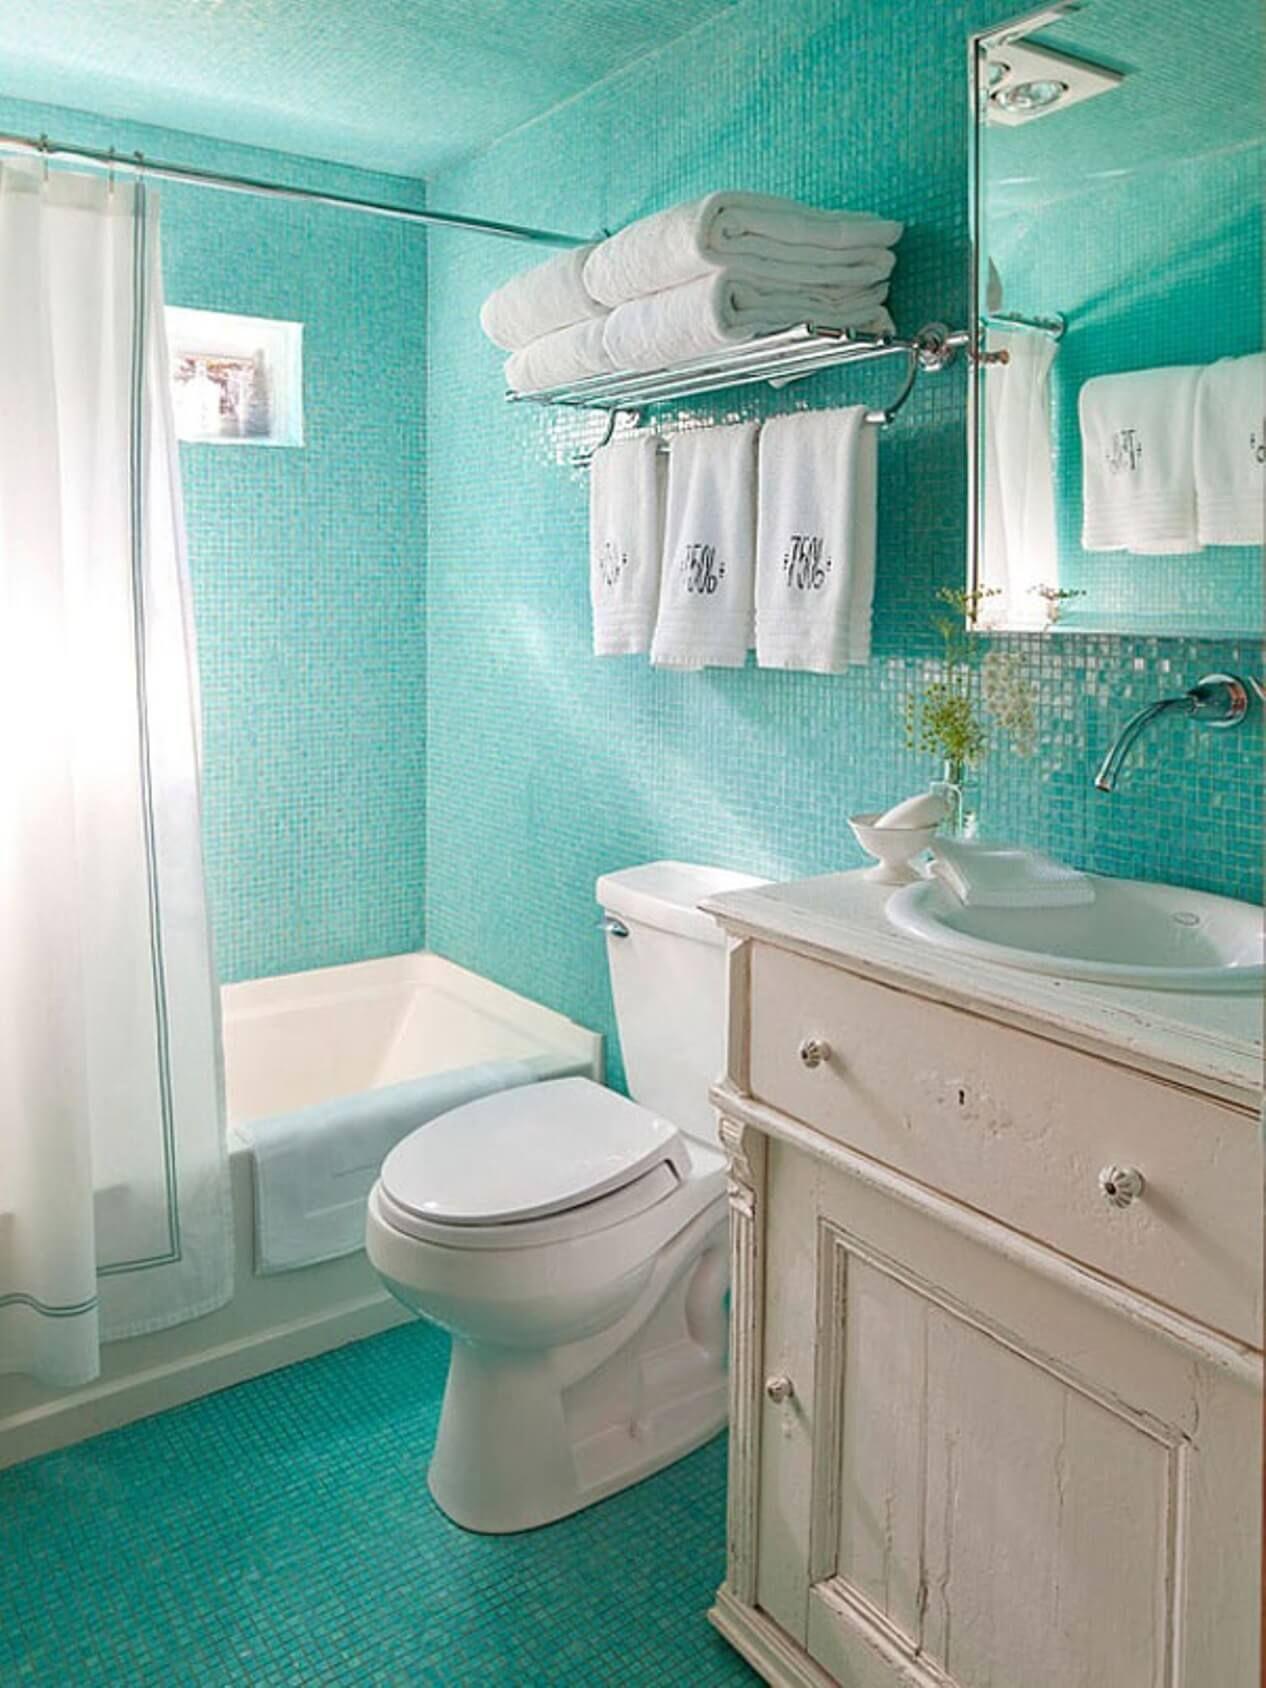 Badezimmer design rustikal pin von deko auf bad  pinterest  badezimmer badezimmer design und bad